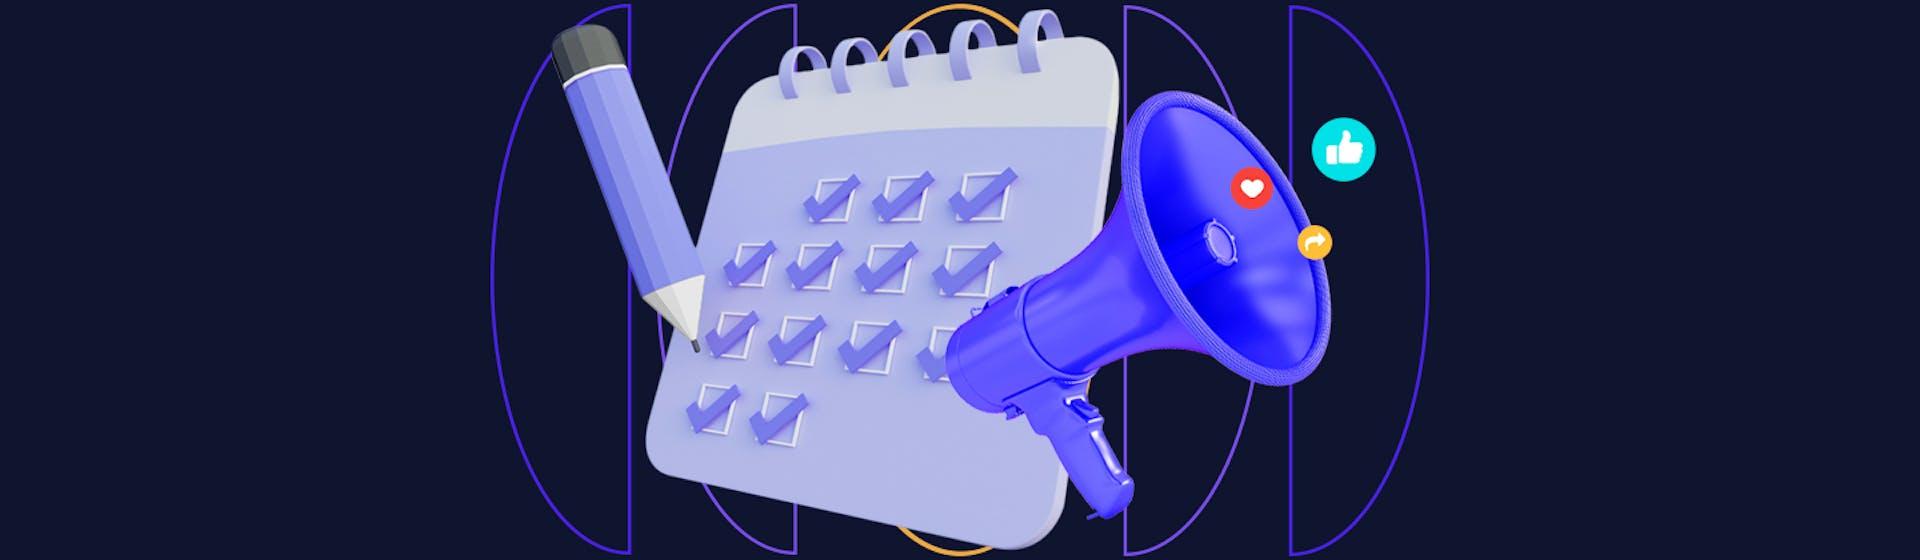 ¿Qué es el Marketing Digital? La guía definitiva para impulsar tu marca en 2022